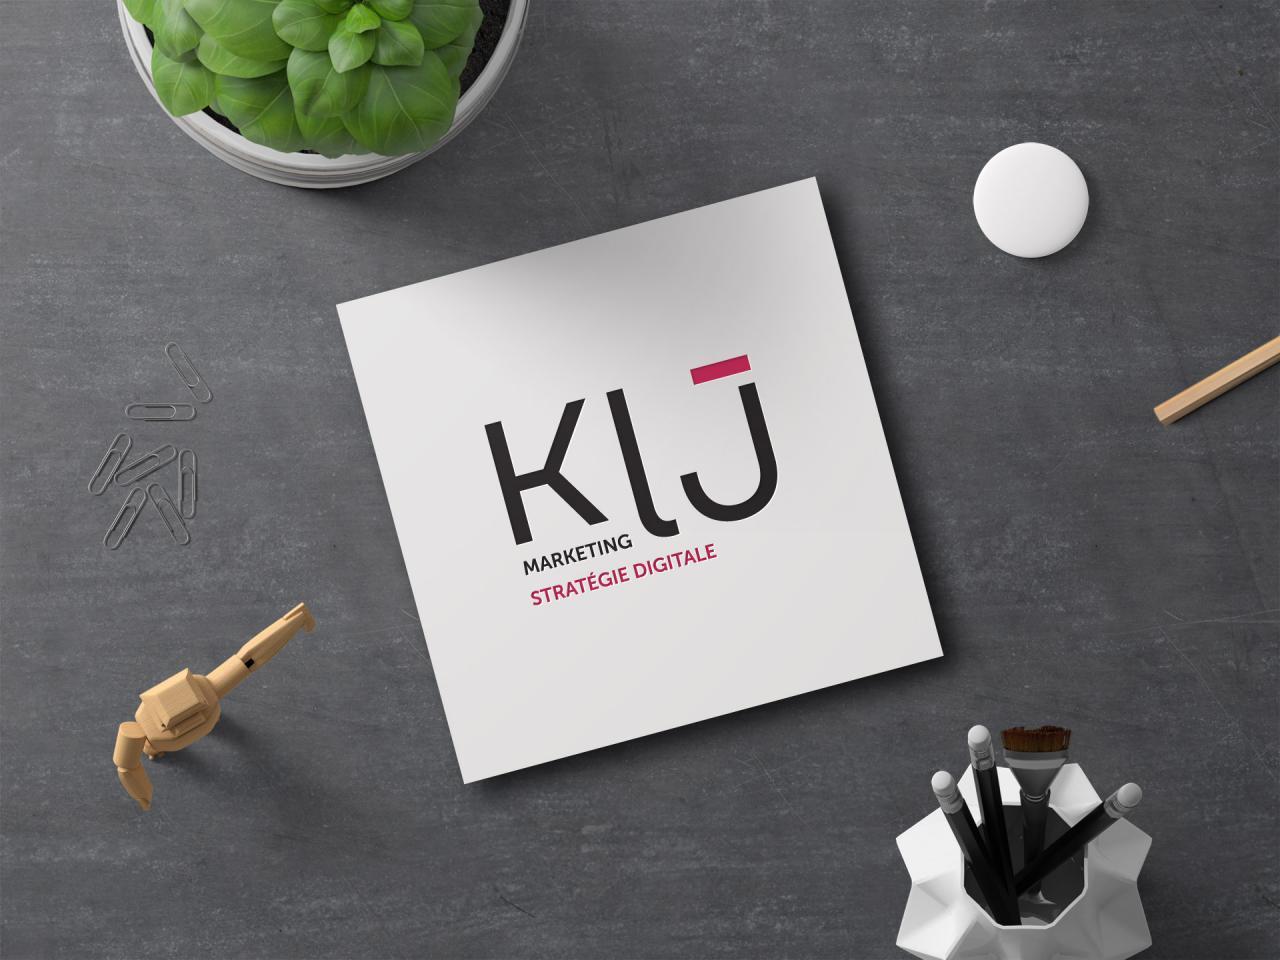 Création logo identité visuelle cabinet marketing stratégie digitale Montpellier